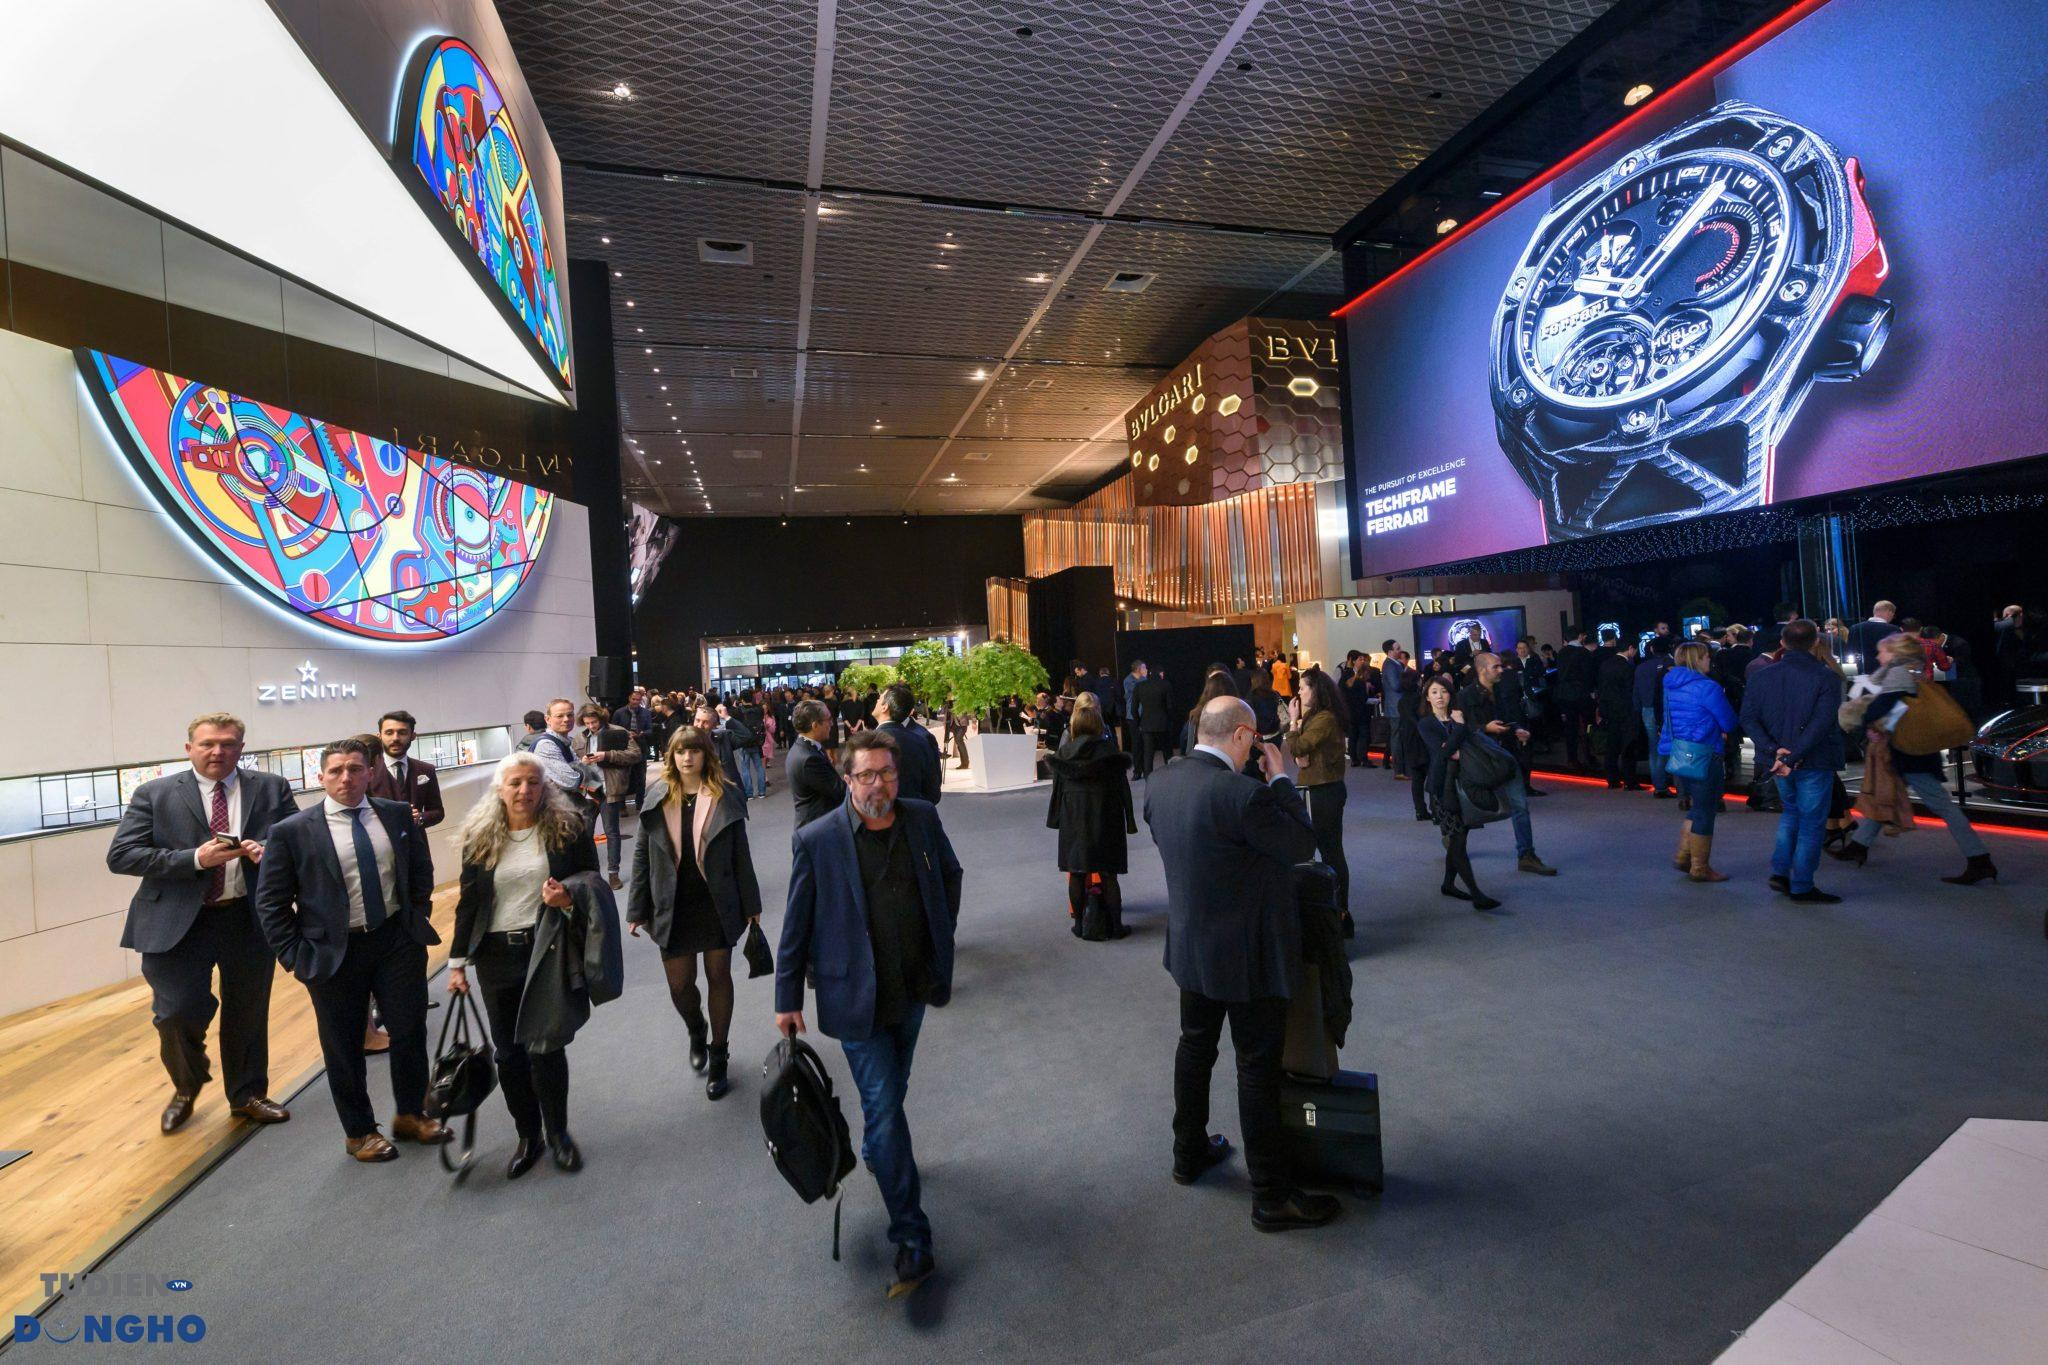 Hình ảnh trước thềm Baselworld 2019